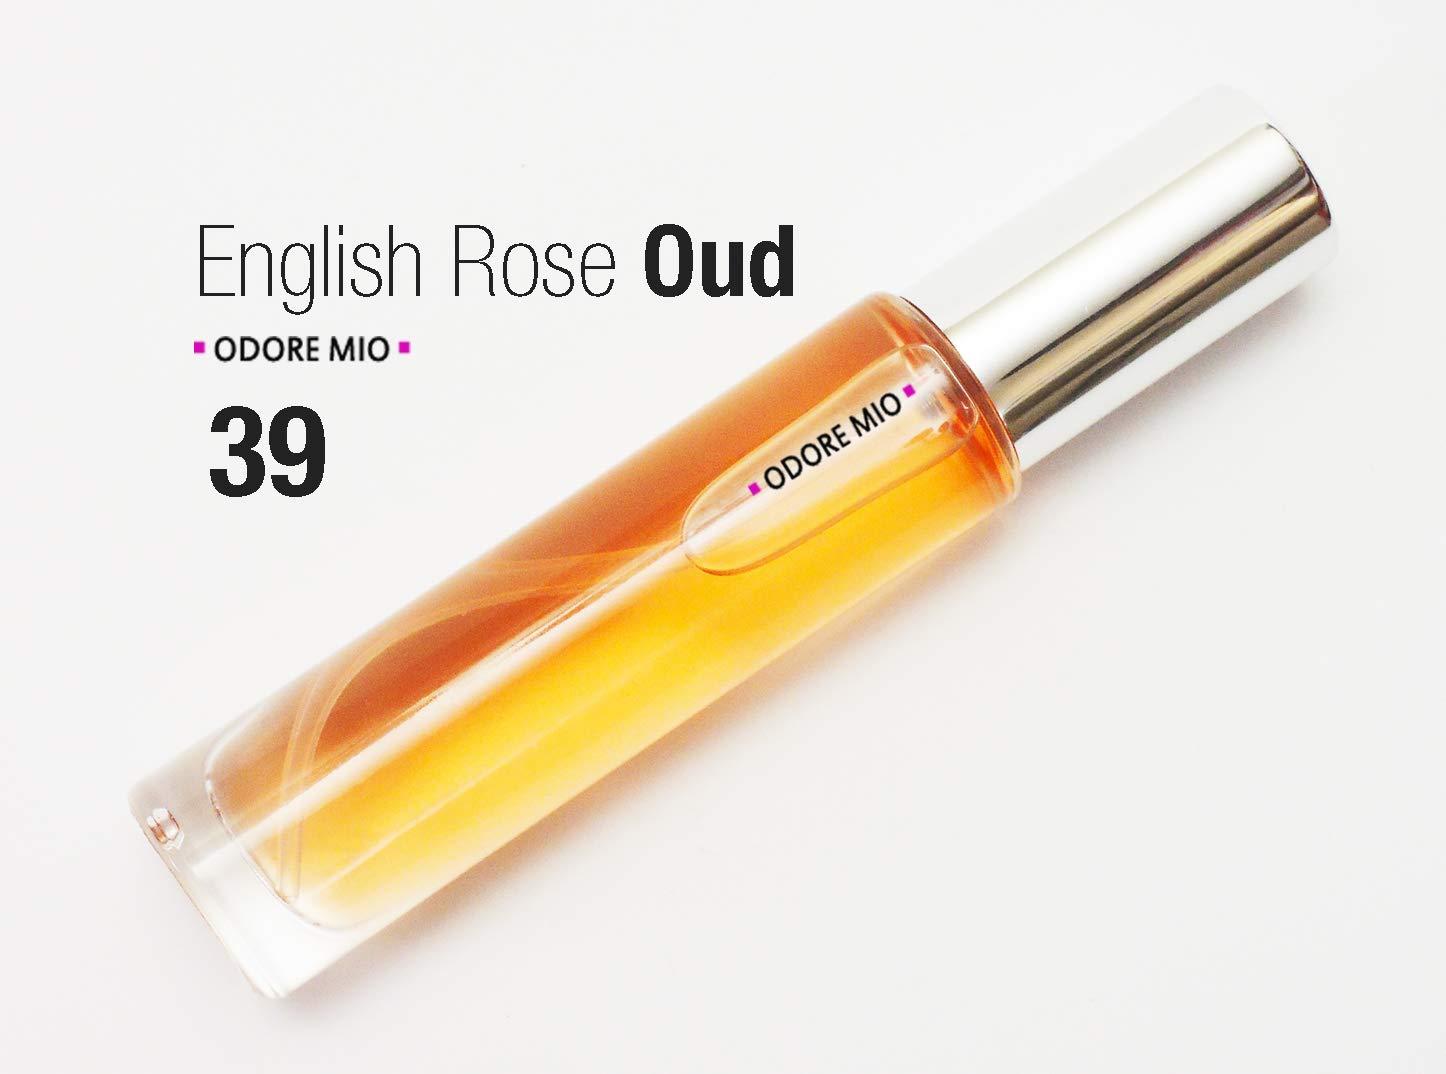 Odore Mio English Rose Oud Eau de Toilette 3 ml Sample Luxury Botanical Perfume Spray